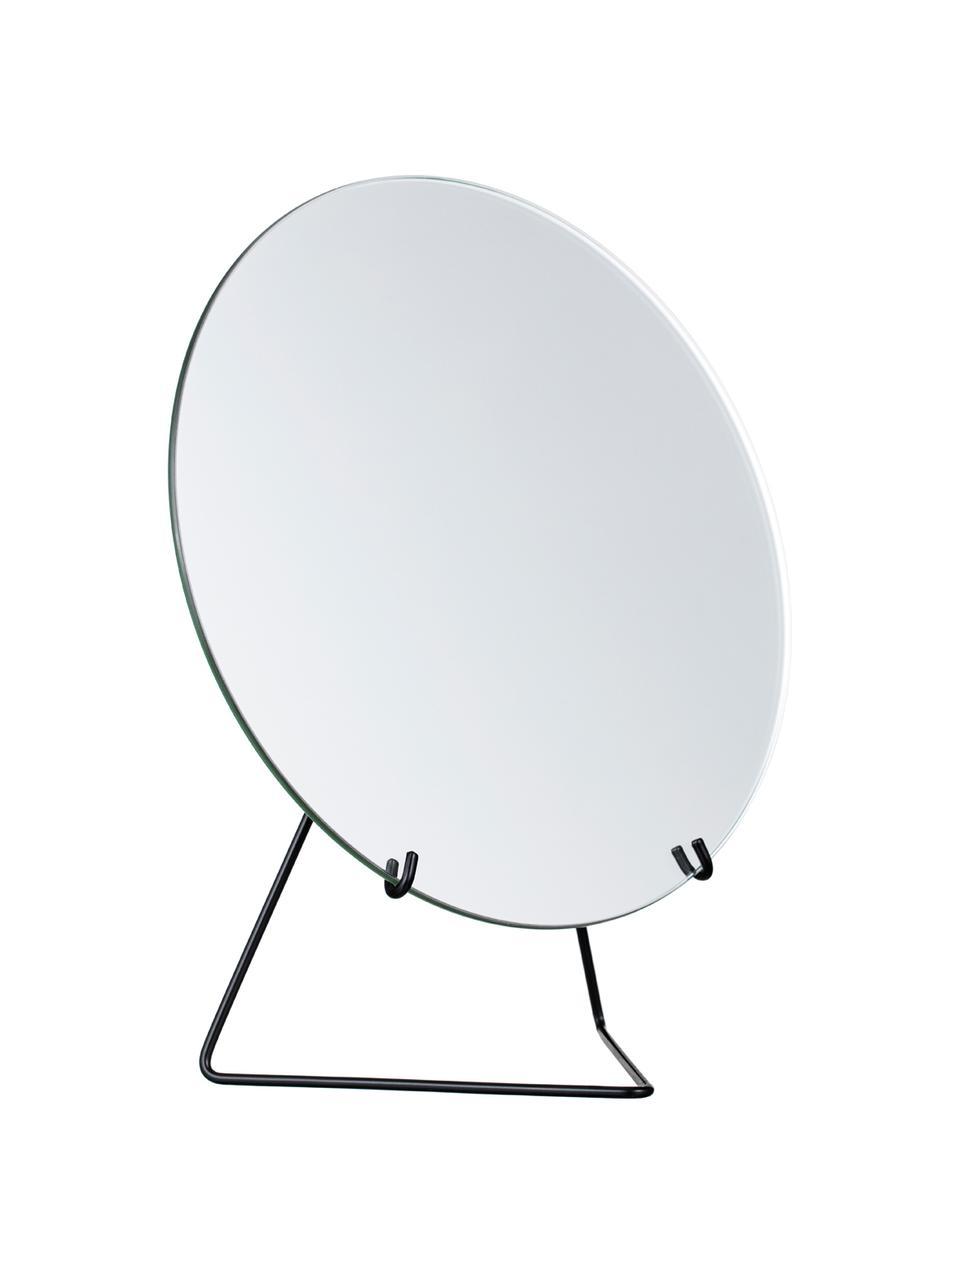 Kosmetikspiegel Standing Mirror, Gestell: Stahl, pulverbeschichtet, Gestell: Schwarz Spiegel: Spiegelglas, 20 x 23 cm